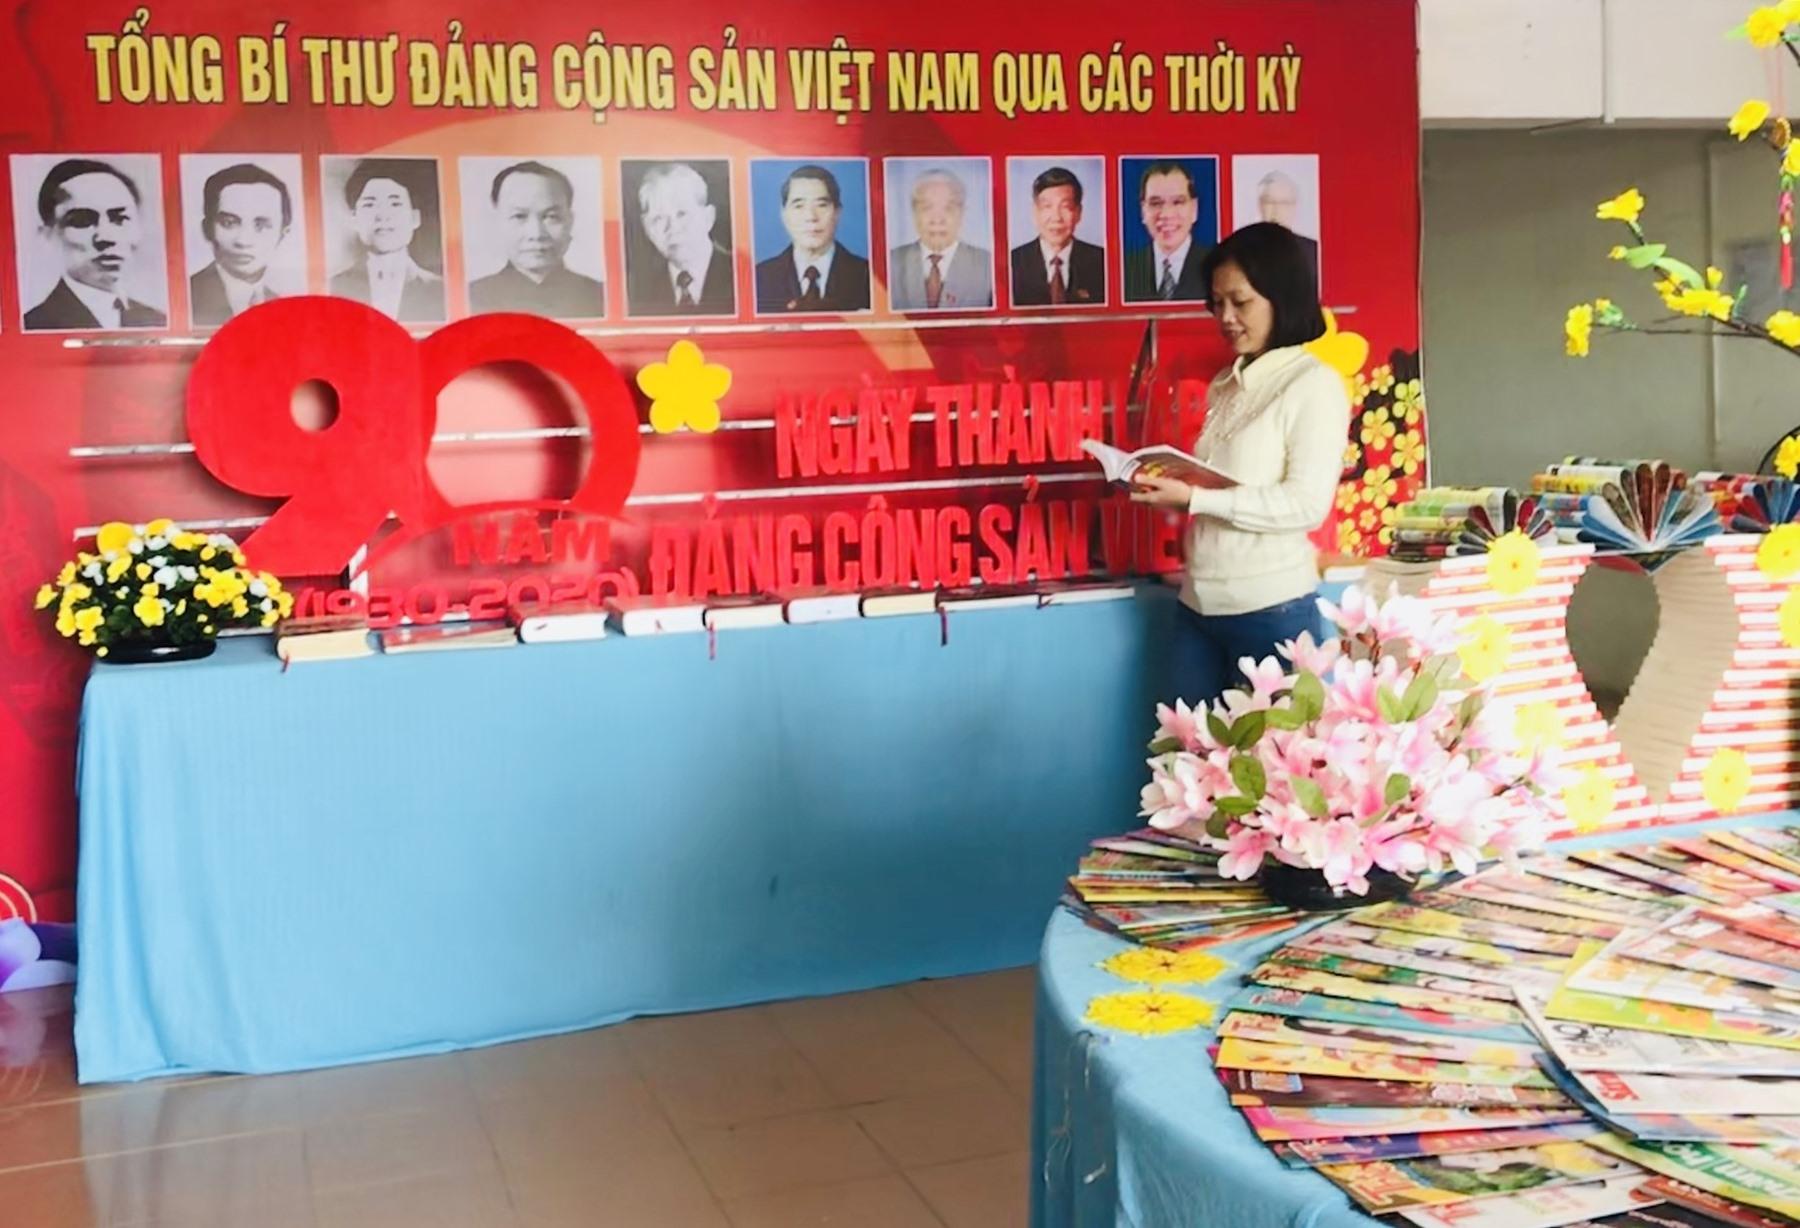 Thư viện tỉnh trưng bày sách chào mừng kỷ niệm 90 năm Ngày Thành lập Đảng Cộng sản Việt Nam. Ảnh: C.N